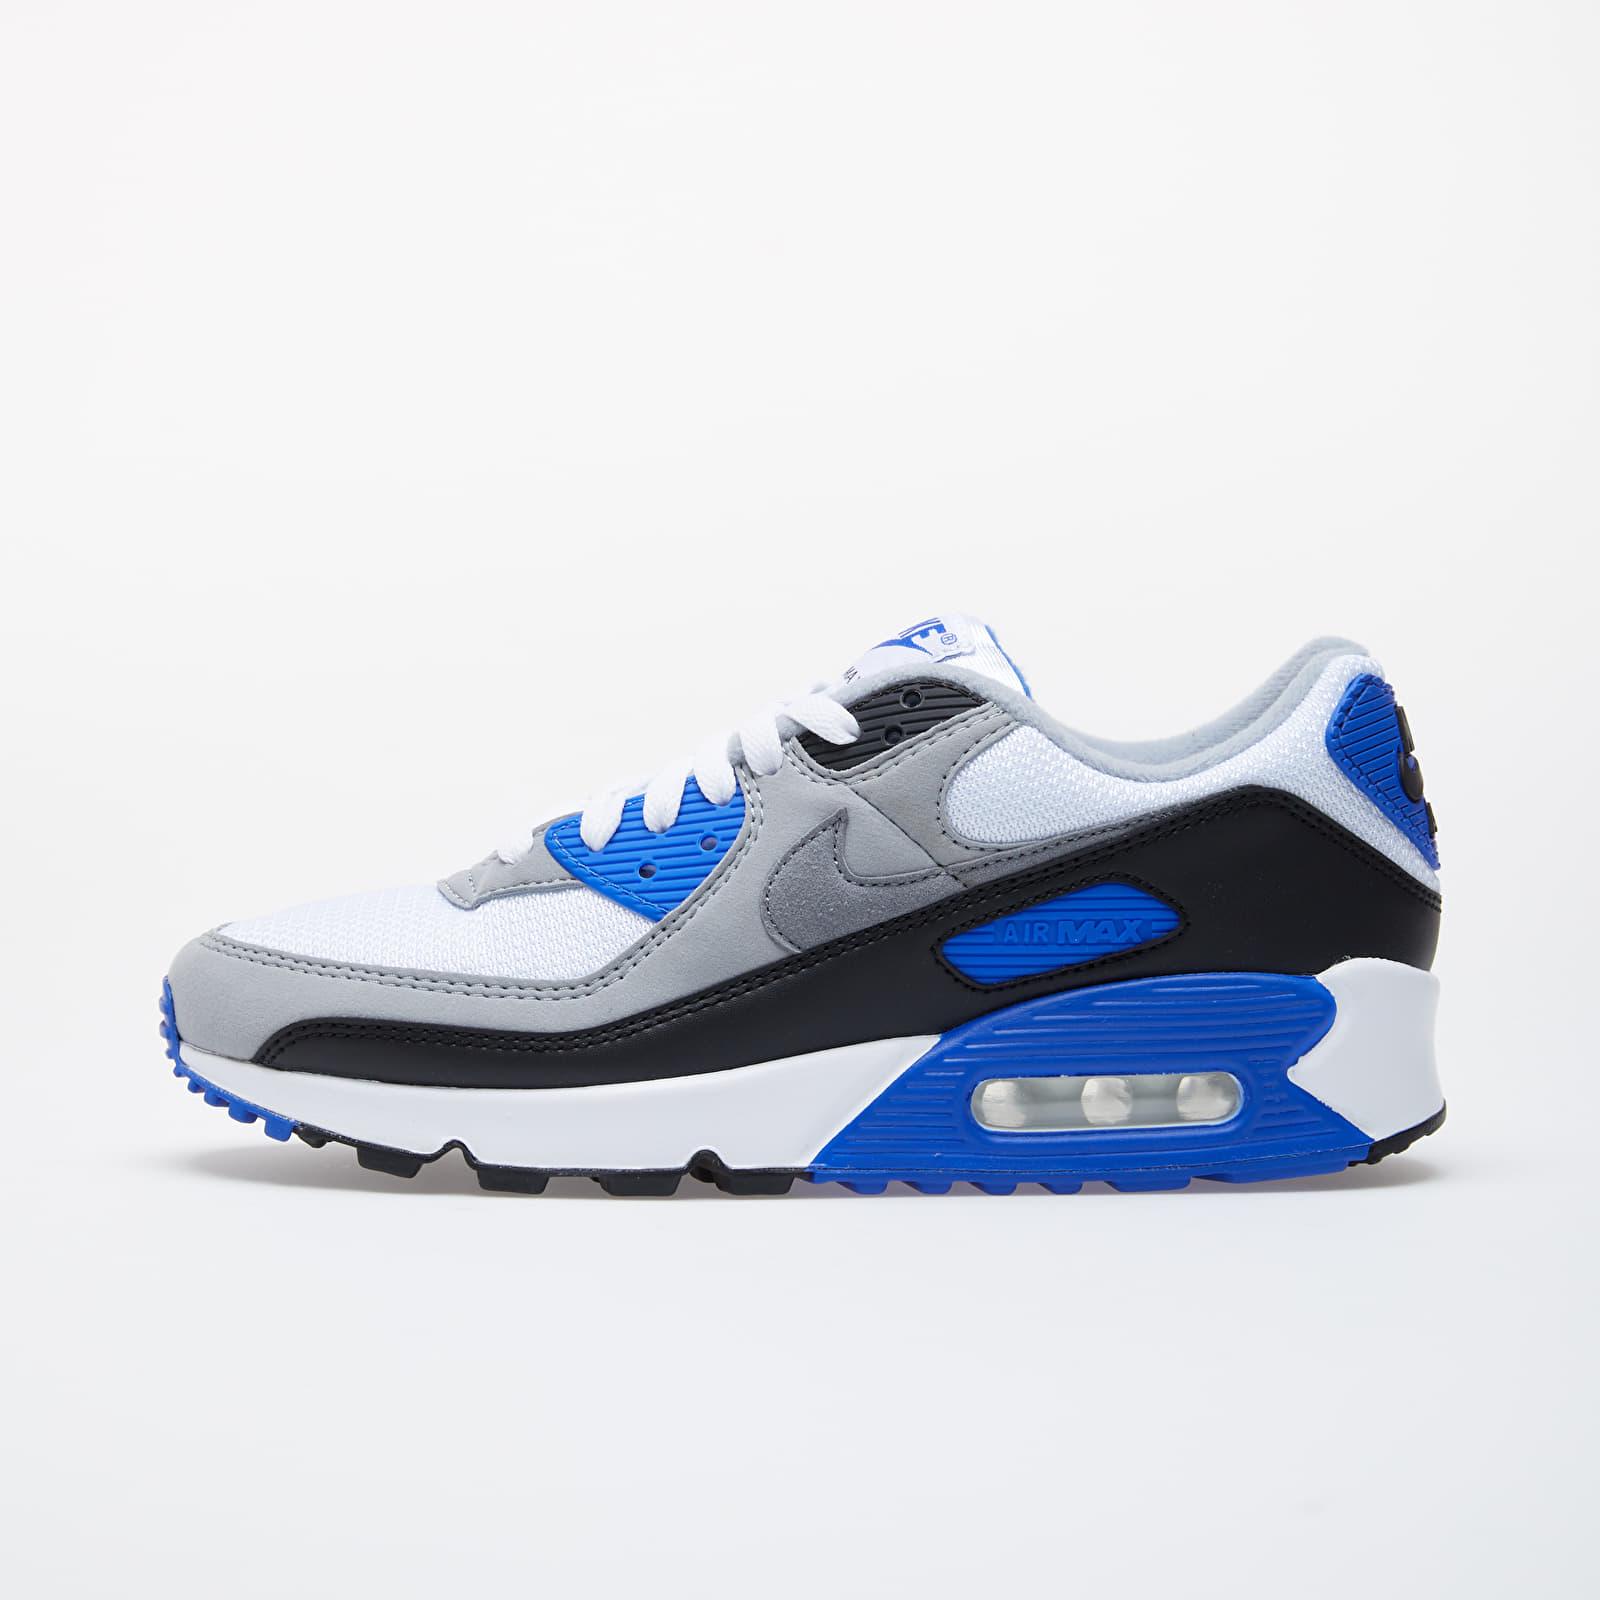 Férfi cipők Nike Air Max 90 White/ Particle Grey-Hyper Royal-Black